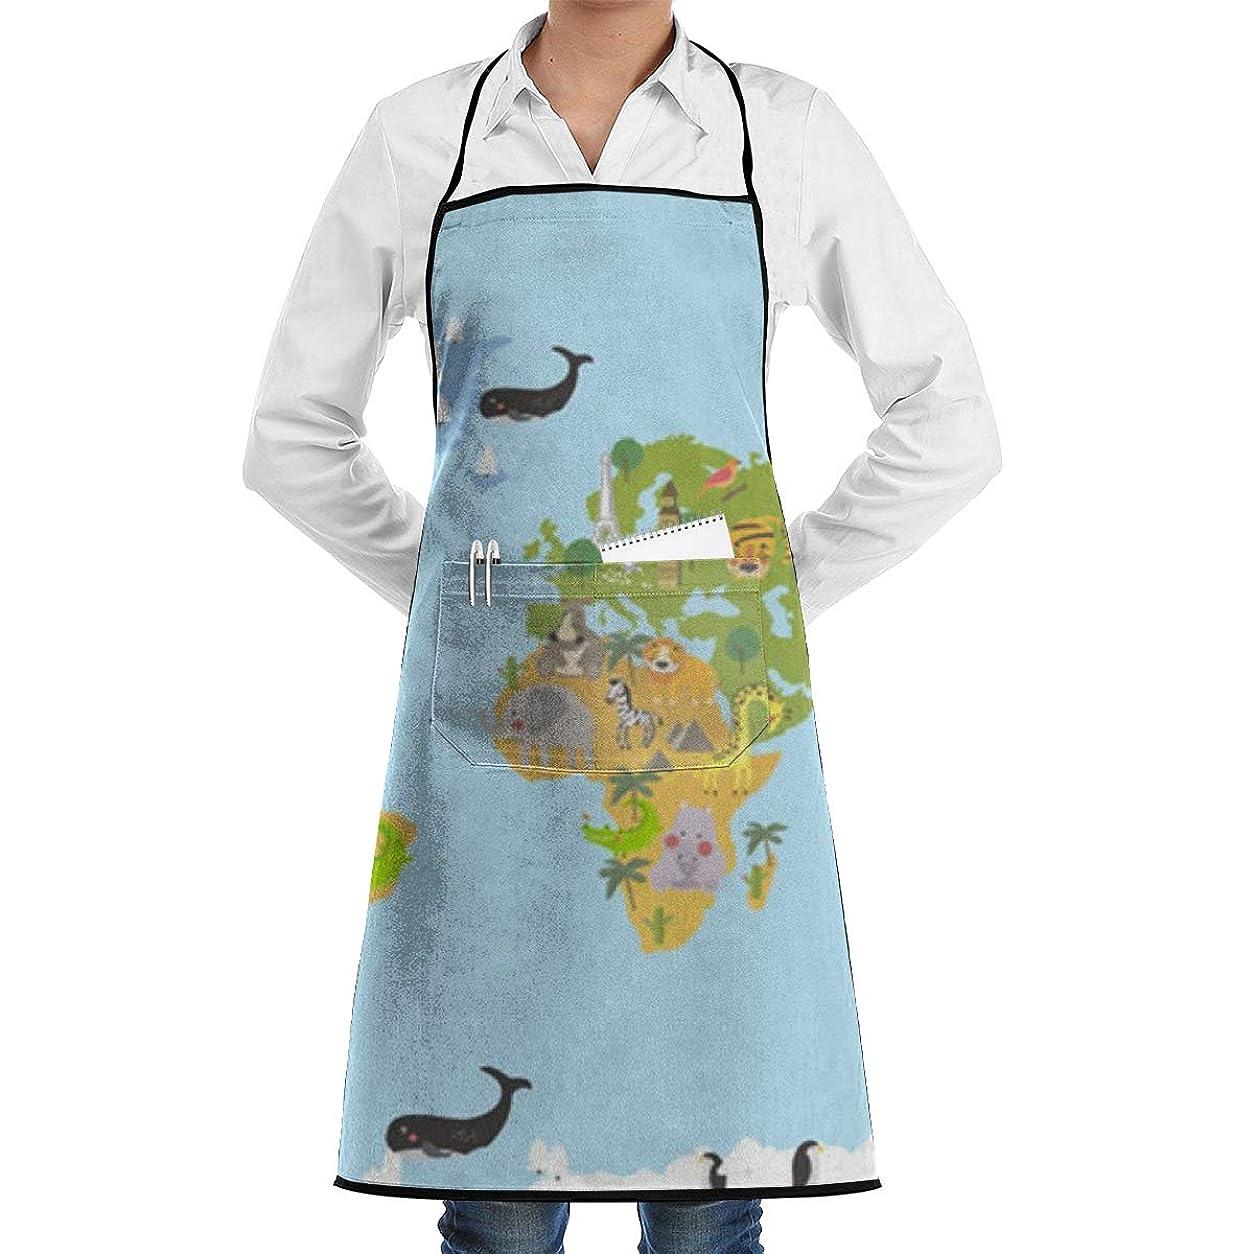 コンクリート貴重なベックスAnimal Word Map エプロン カフェエプロン ビブエプロン キッチンエプロン 花柄?胸当て 前掛け 腰巻 H型 ロング キッチン カフェ 飲食店 保育士 男女兼用 シンプル かわいい おしゃれ 人気 北欧